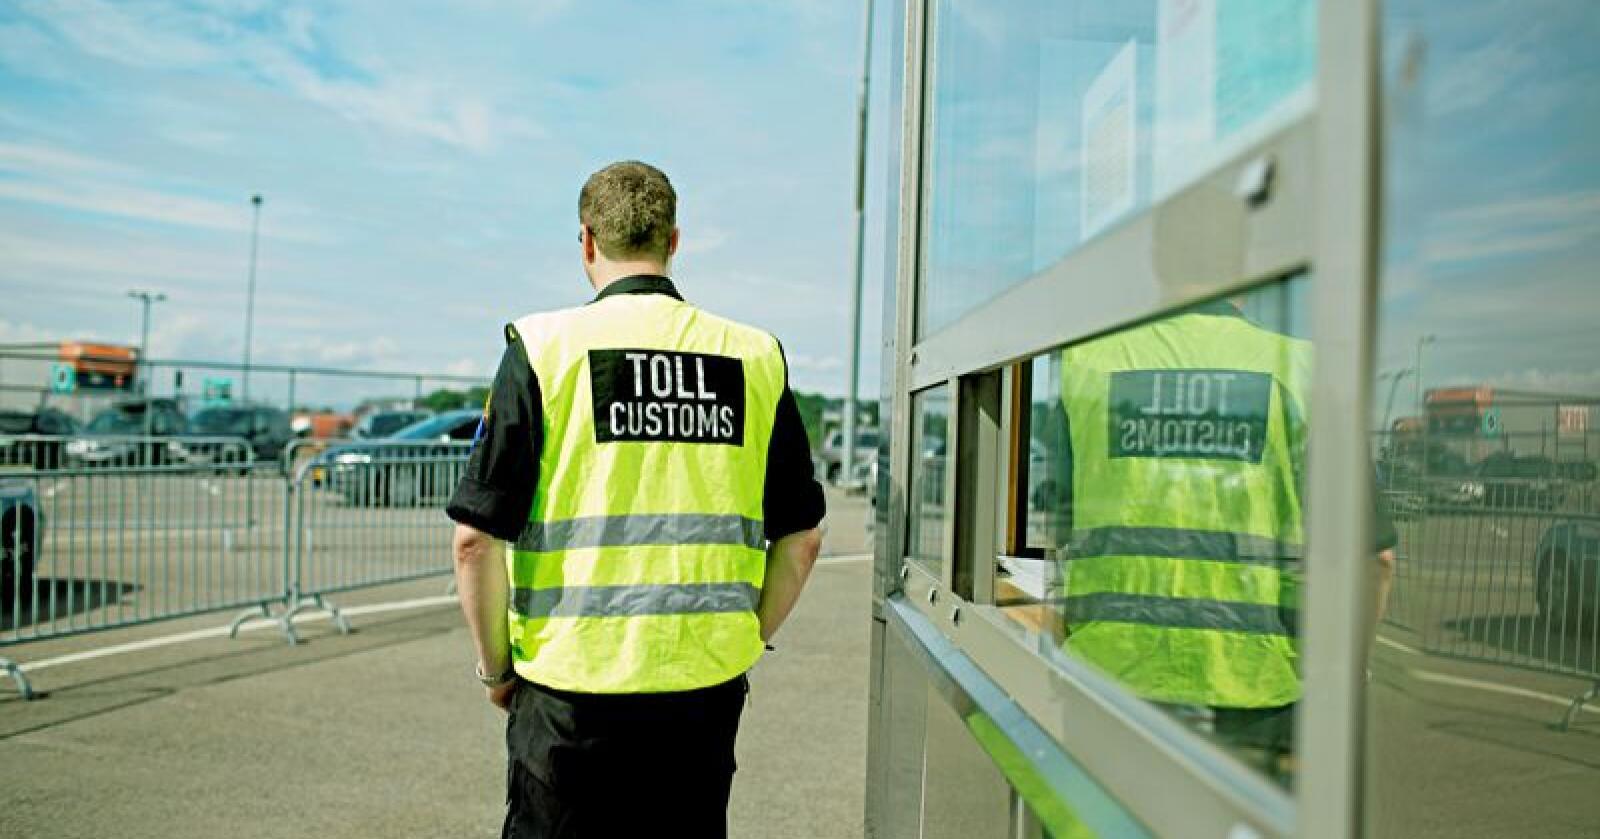 Tollvesenet kontrollerer biler som kommer av Kiel-fergen på Hjortneskaia i Oslo. Illustrasjonsfoto: Stian Lysberg Solum / NTB scanpix